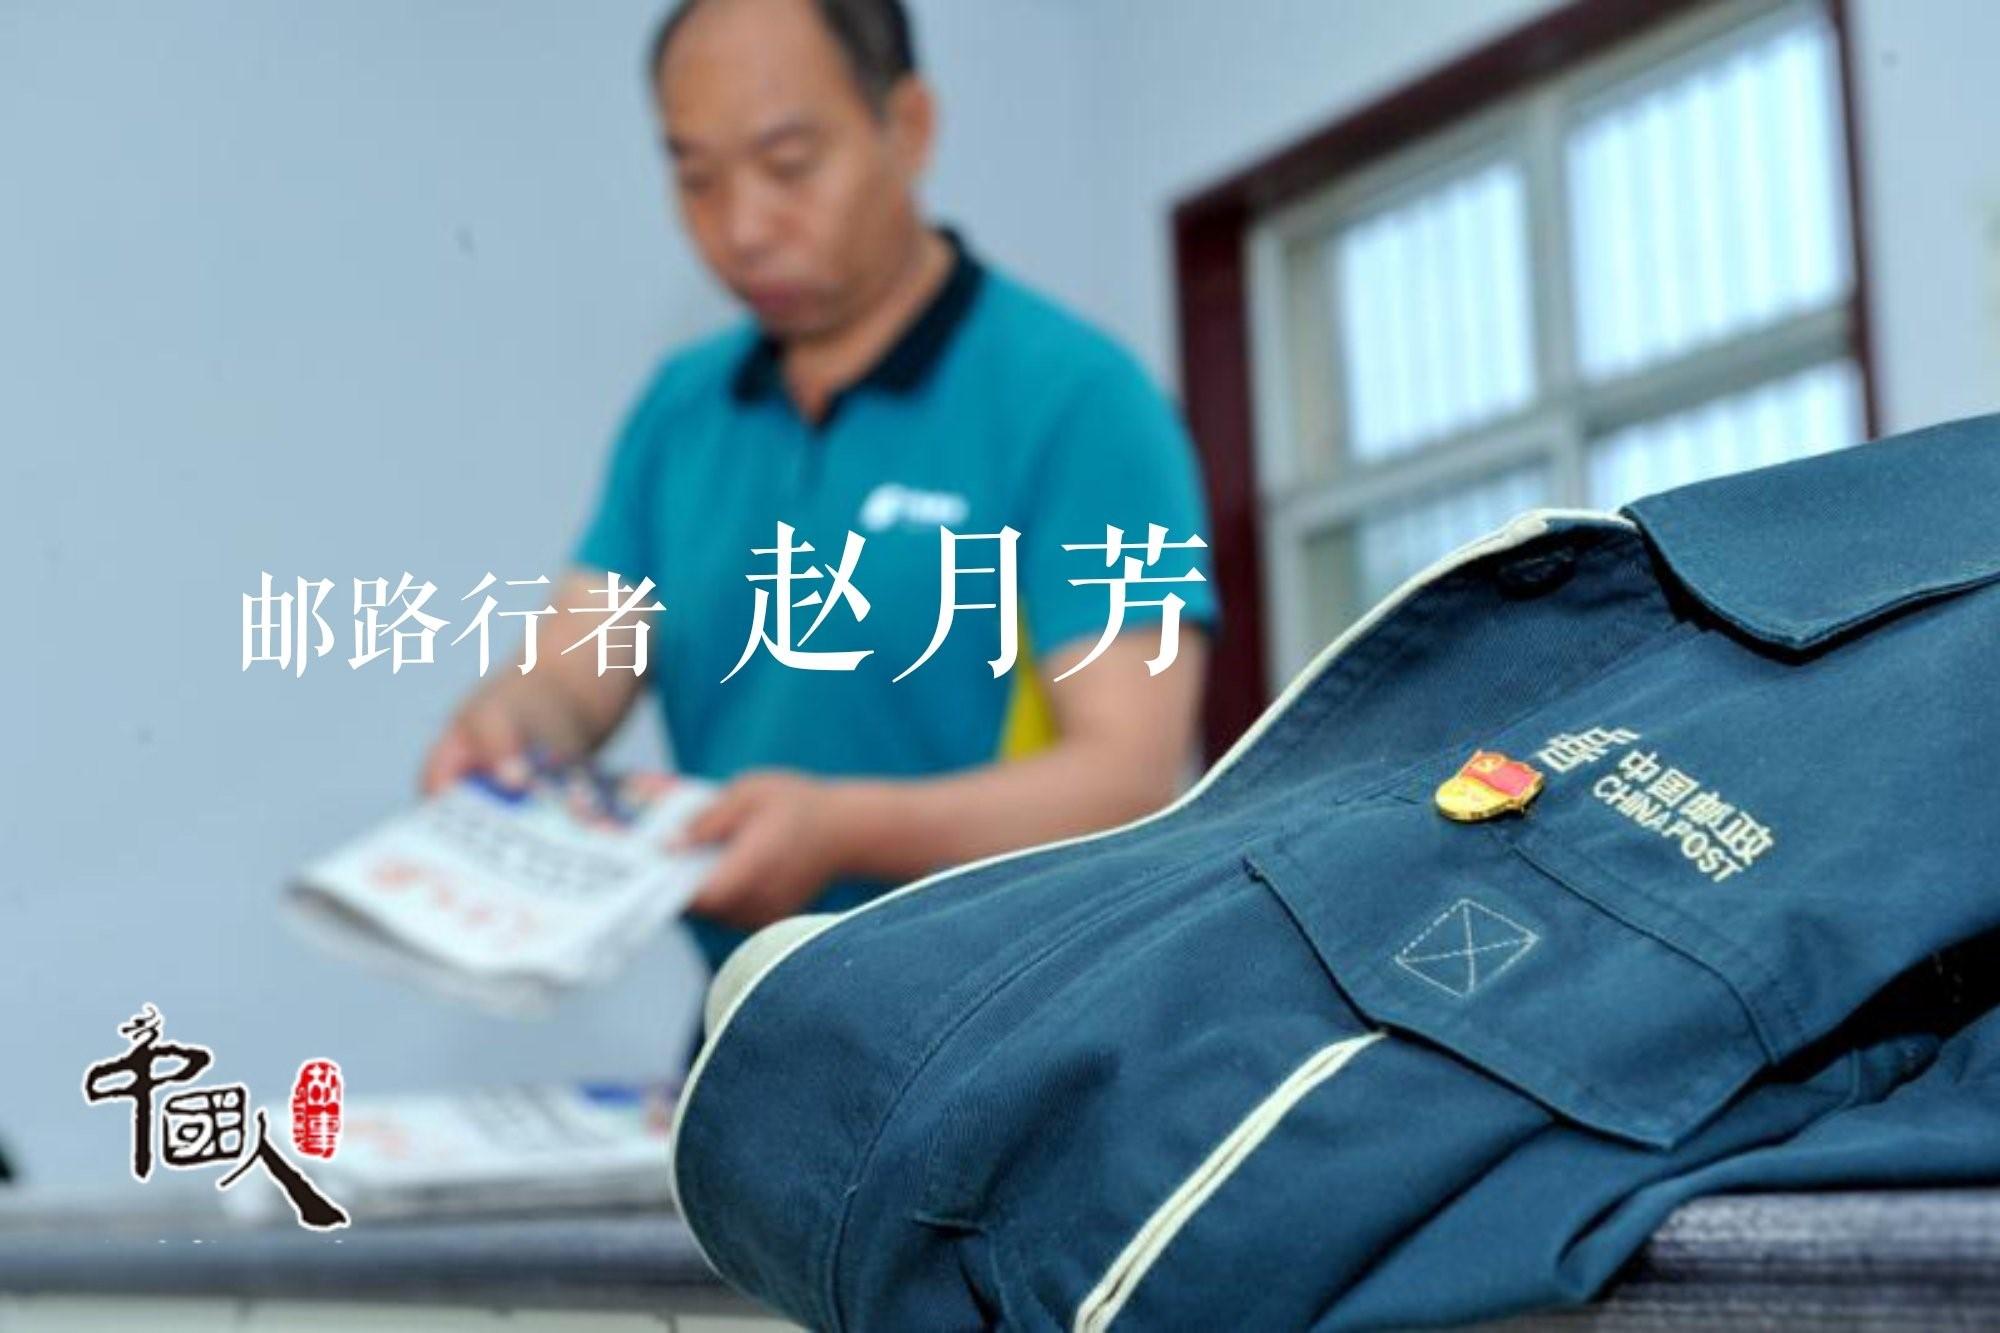 中国人的故事|邮路行者赵月芳:山路上走出来的十九大代表